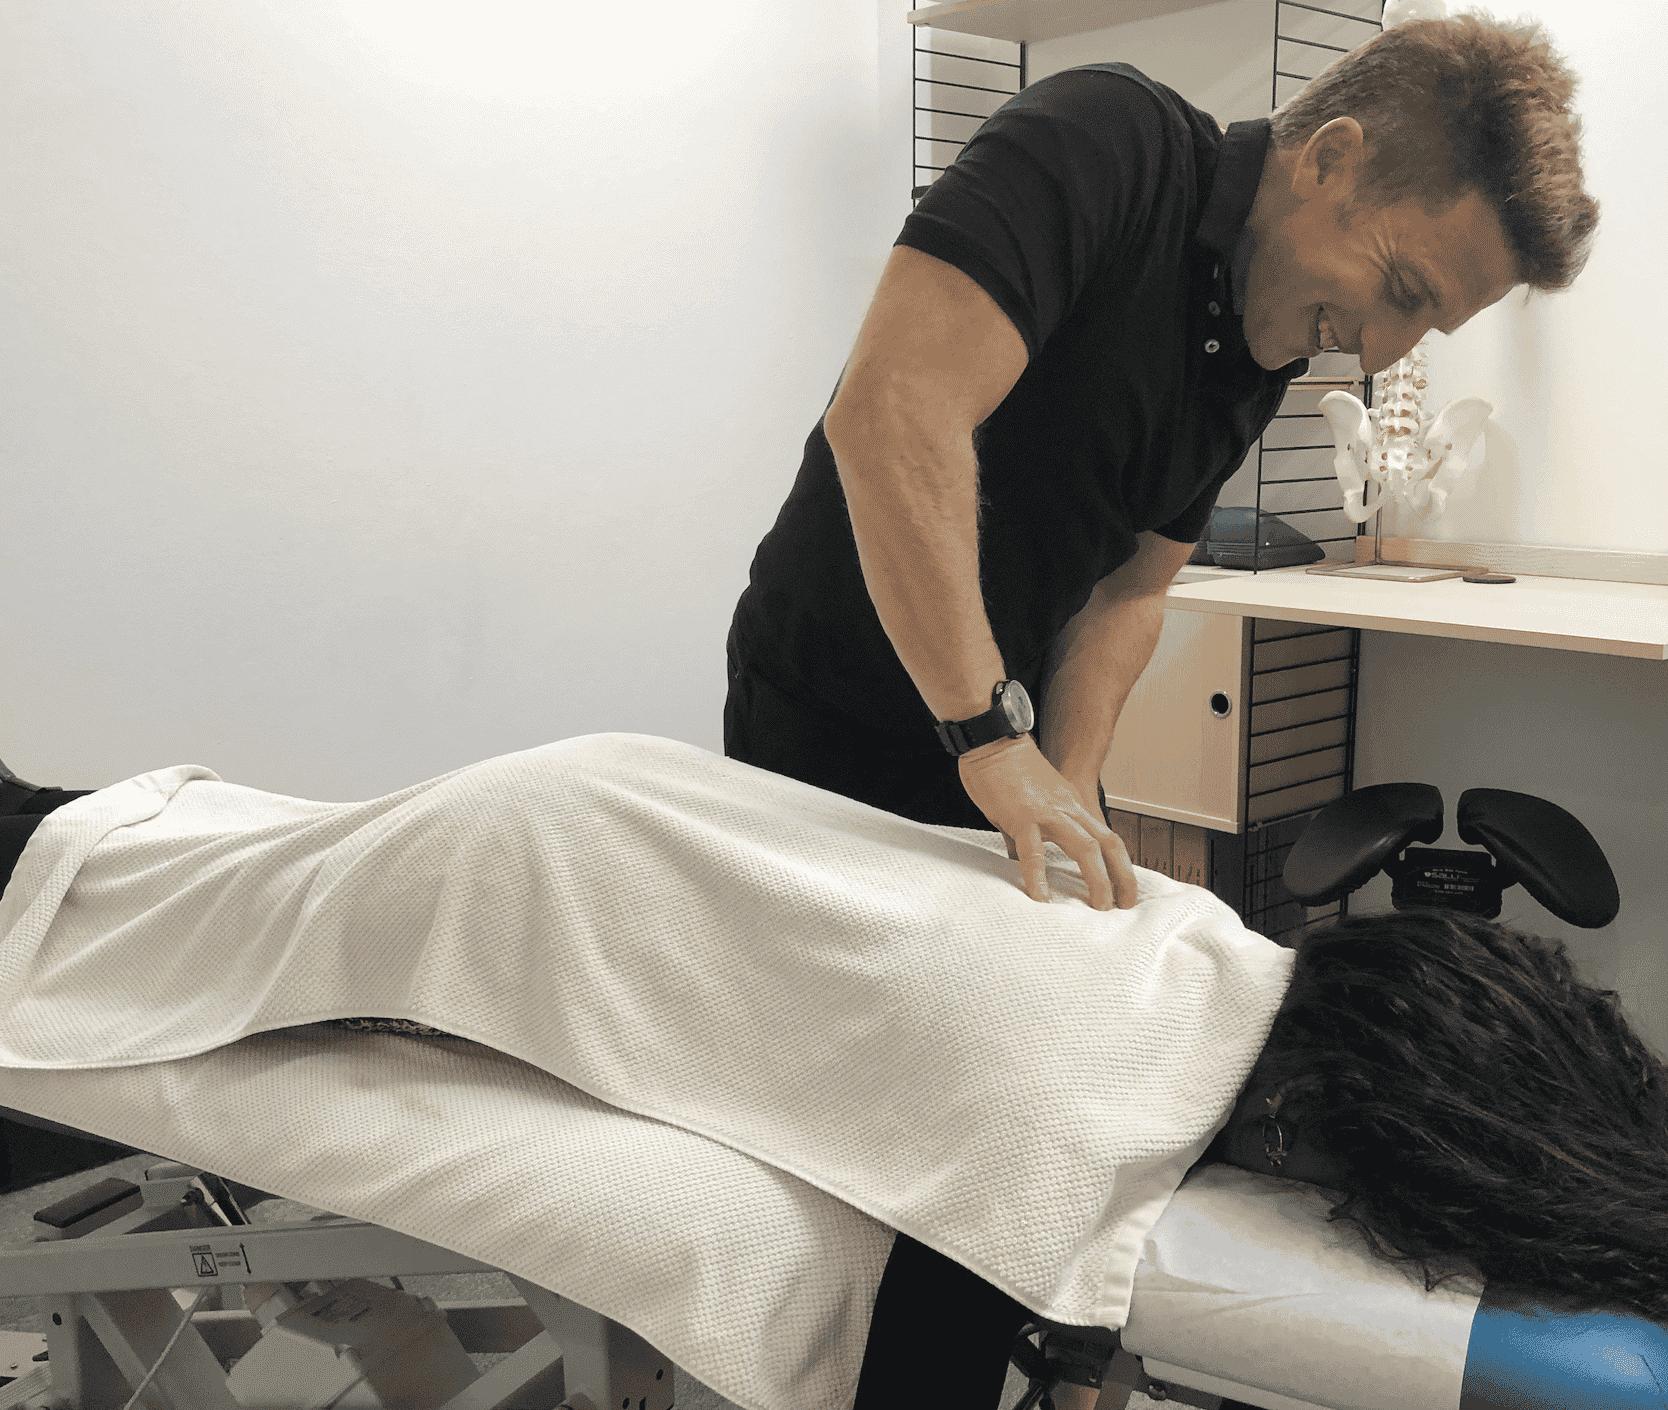 massaging client